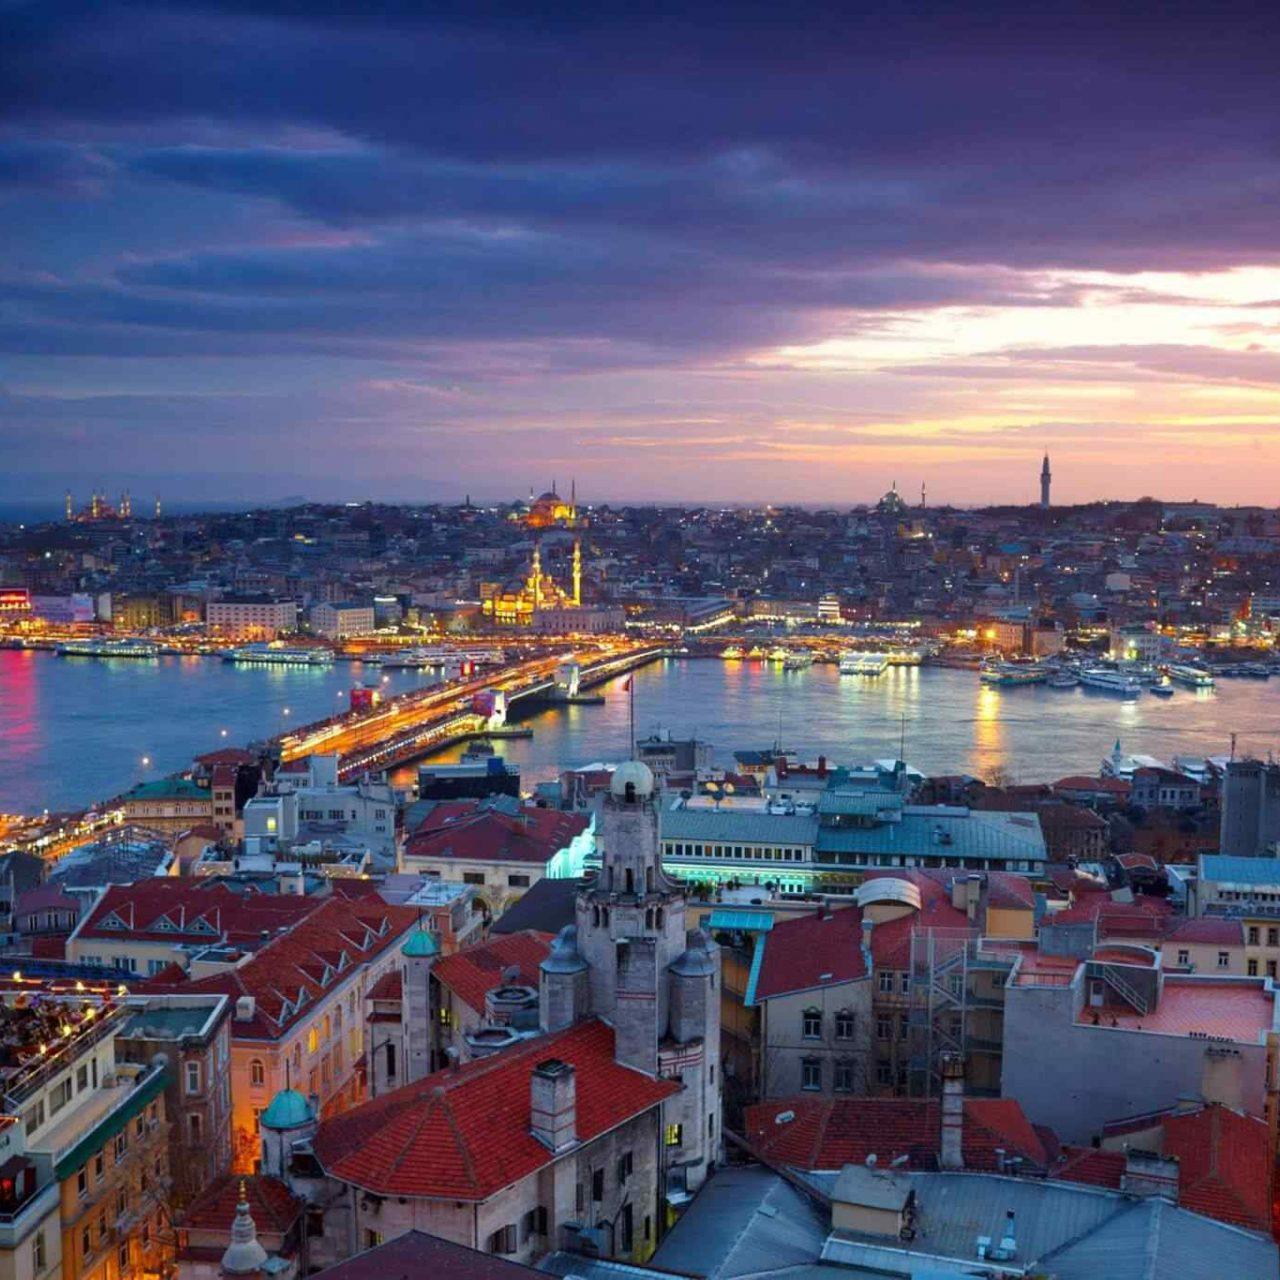 https://avioexpress.ba/wp-content/uploads/2018/09/destination-istanbul-01-1280x1280.jpg